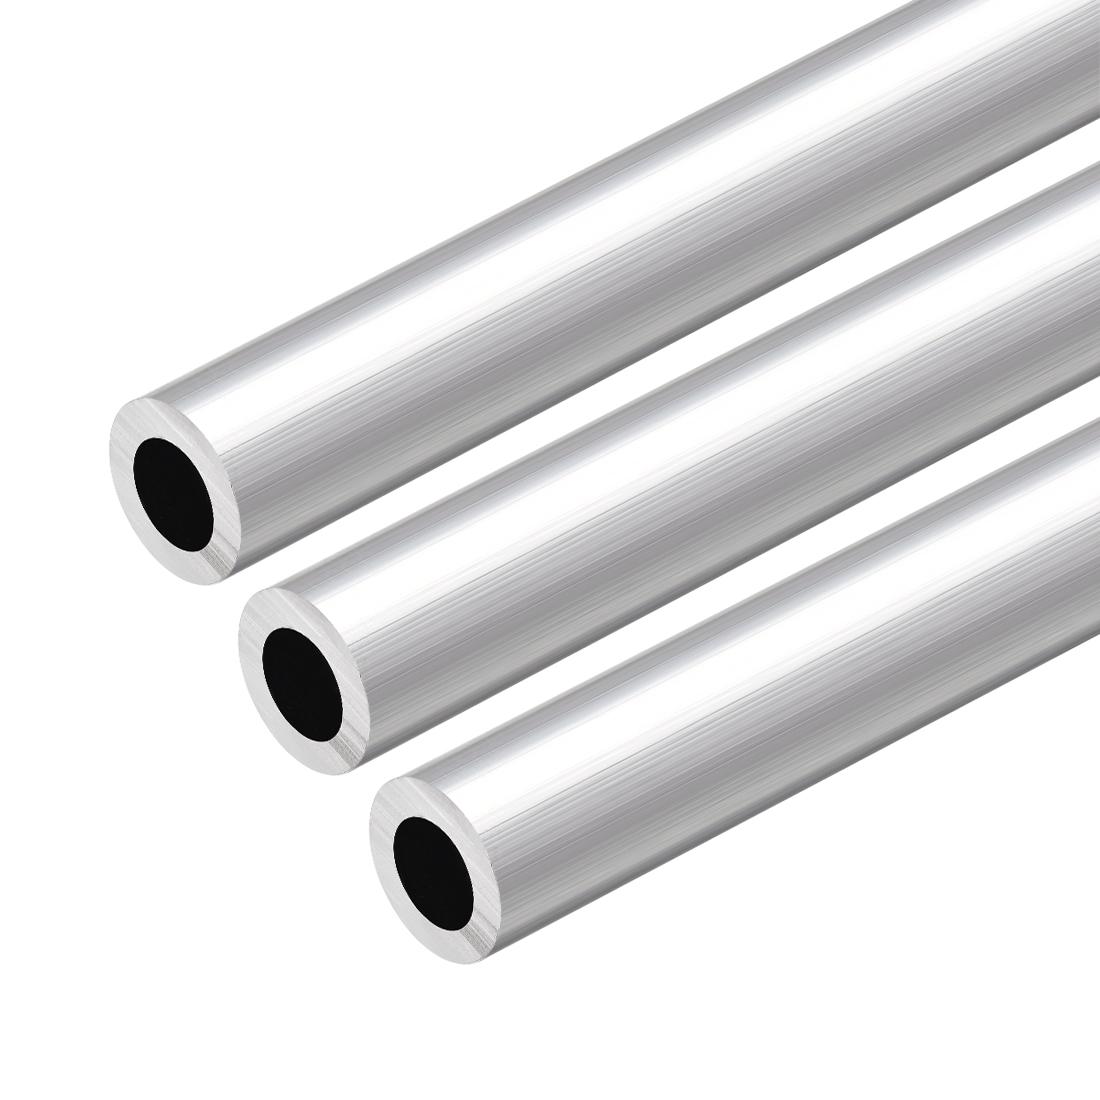 6063 Aluminum Round Tube 300mm Length 18mm OD 11mm Inner Dia Seamless Tube 3 Pcs